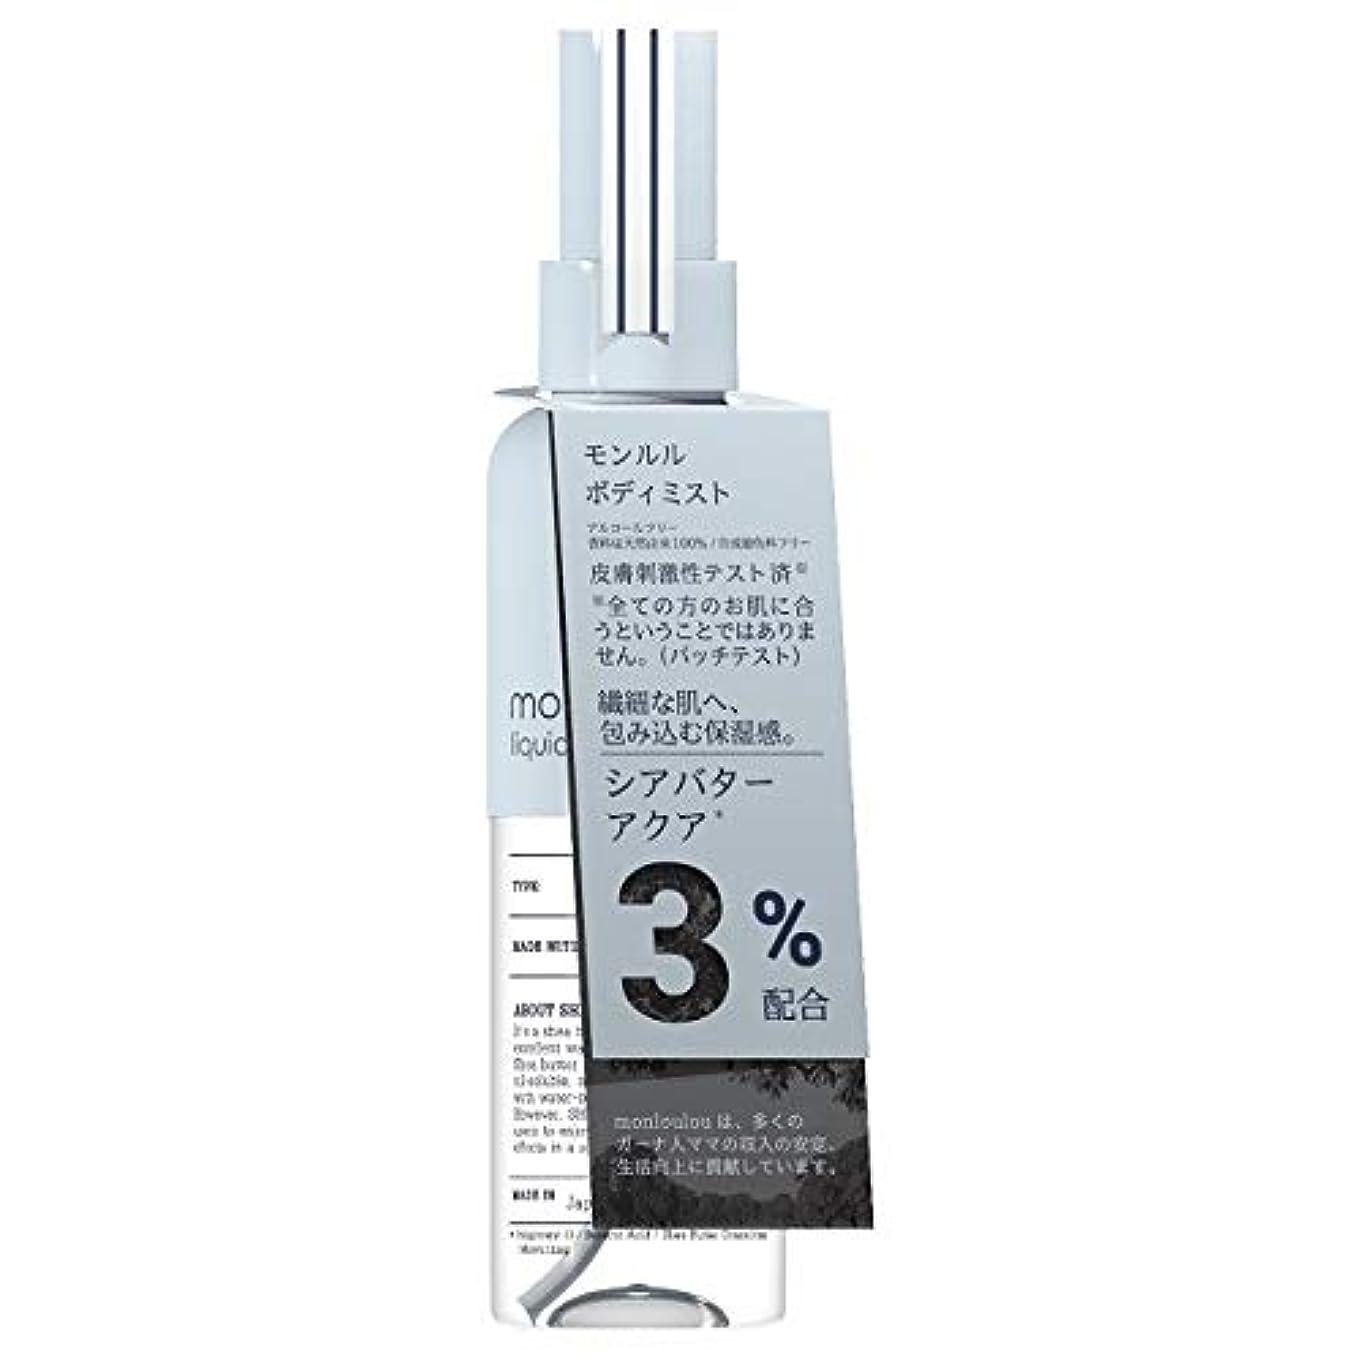 または無効にする禁止するモンルル 3% ボディミスト 150mL